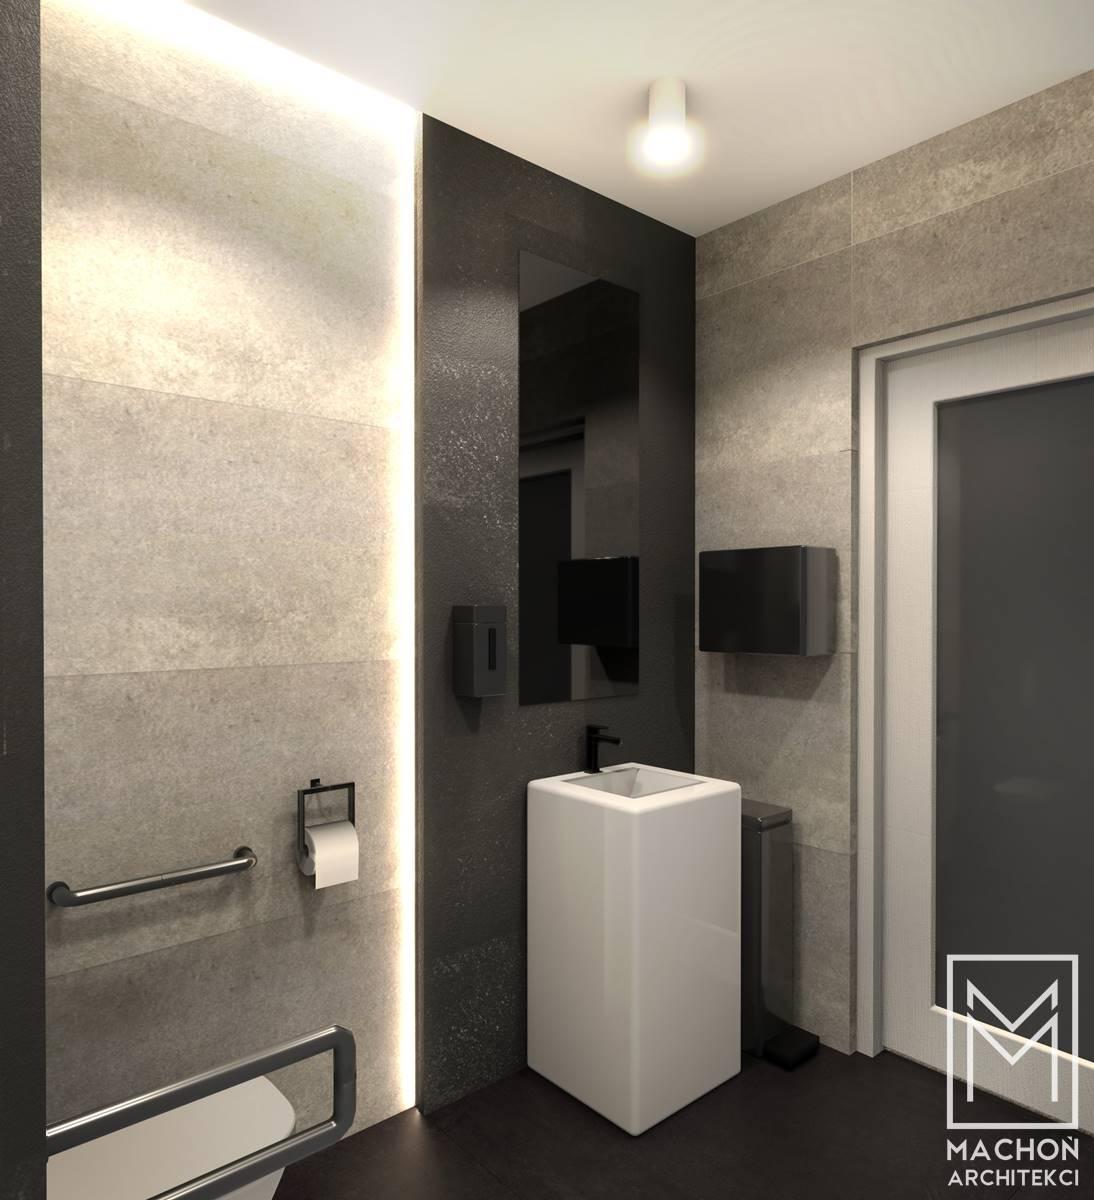 łazienka dla osób niepełnosprawnych nowoczesna czarna biała jasna nowoczesna